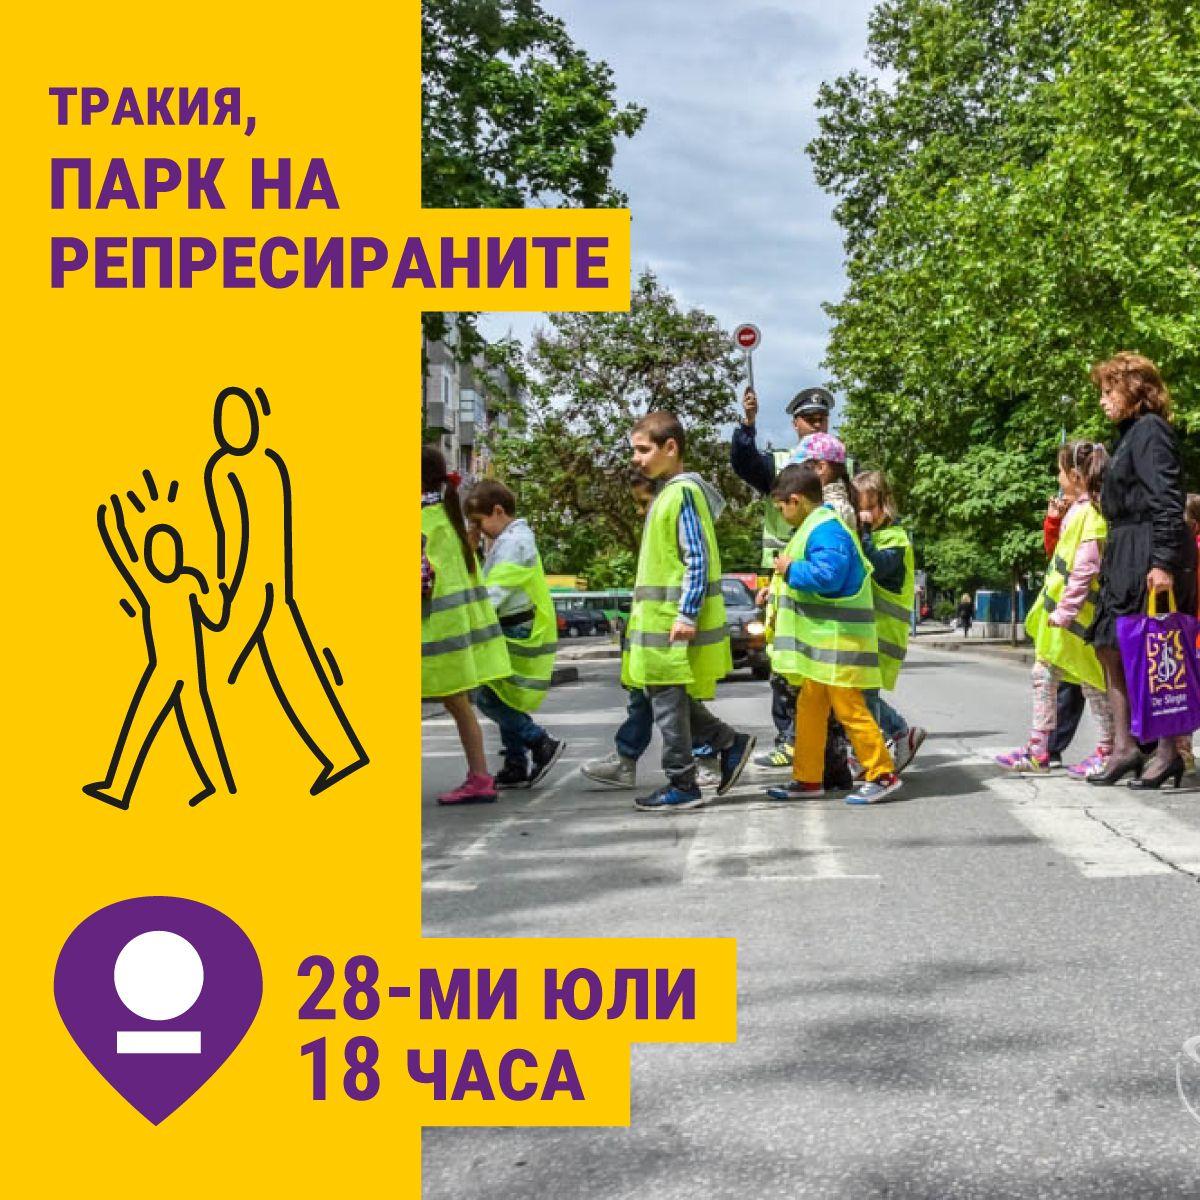 Пловдив - по-чист и по-безопасен град, който изграждаме заедно